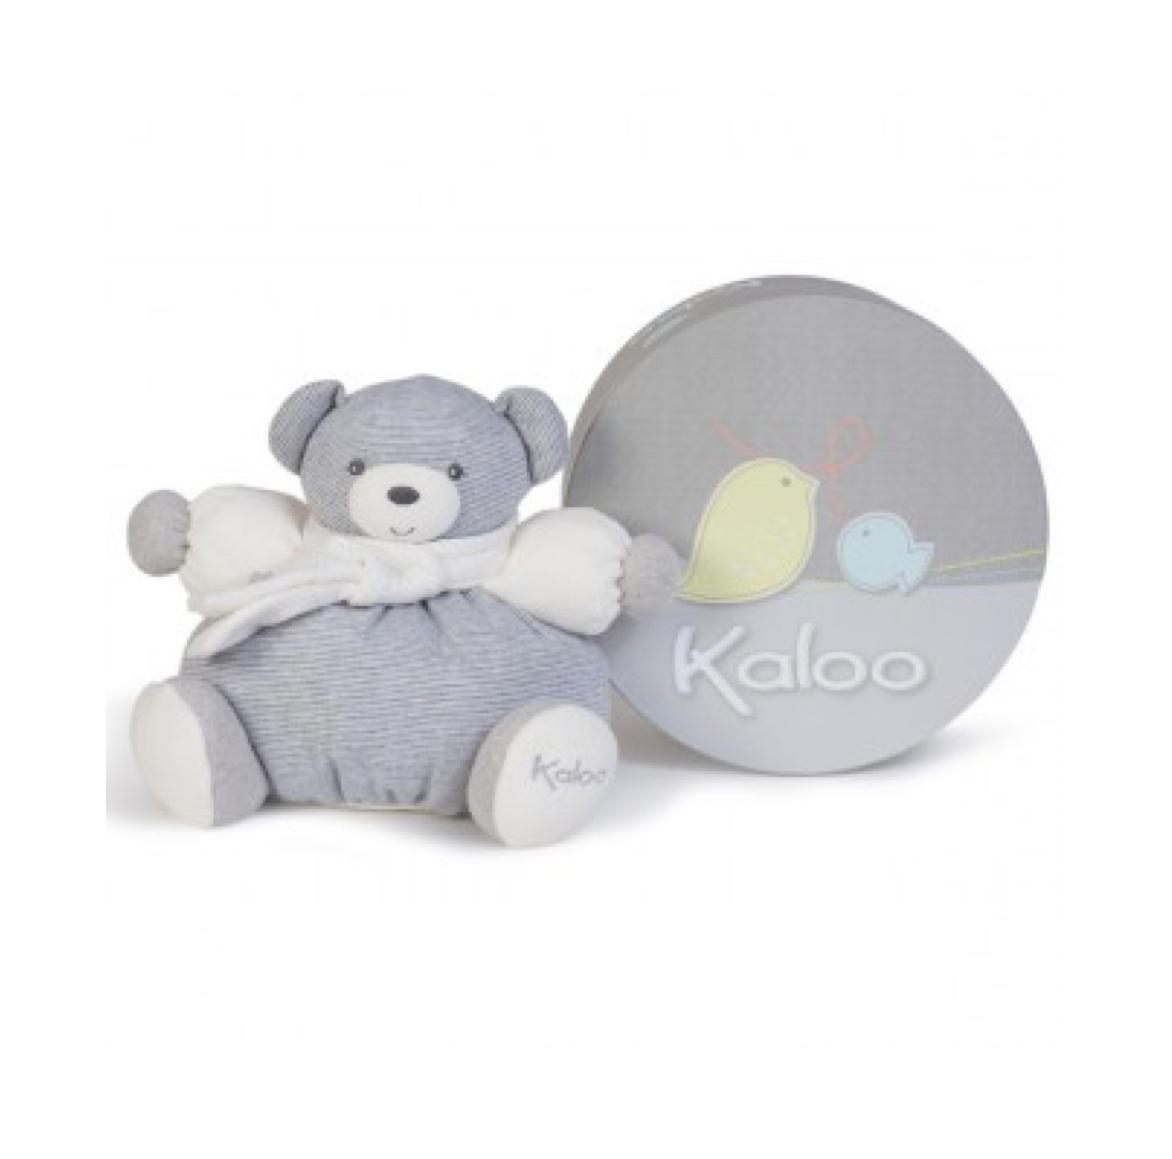 oso-zen-bufanda-de-kaloo-en-el-mundo-de-mico